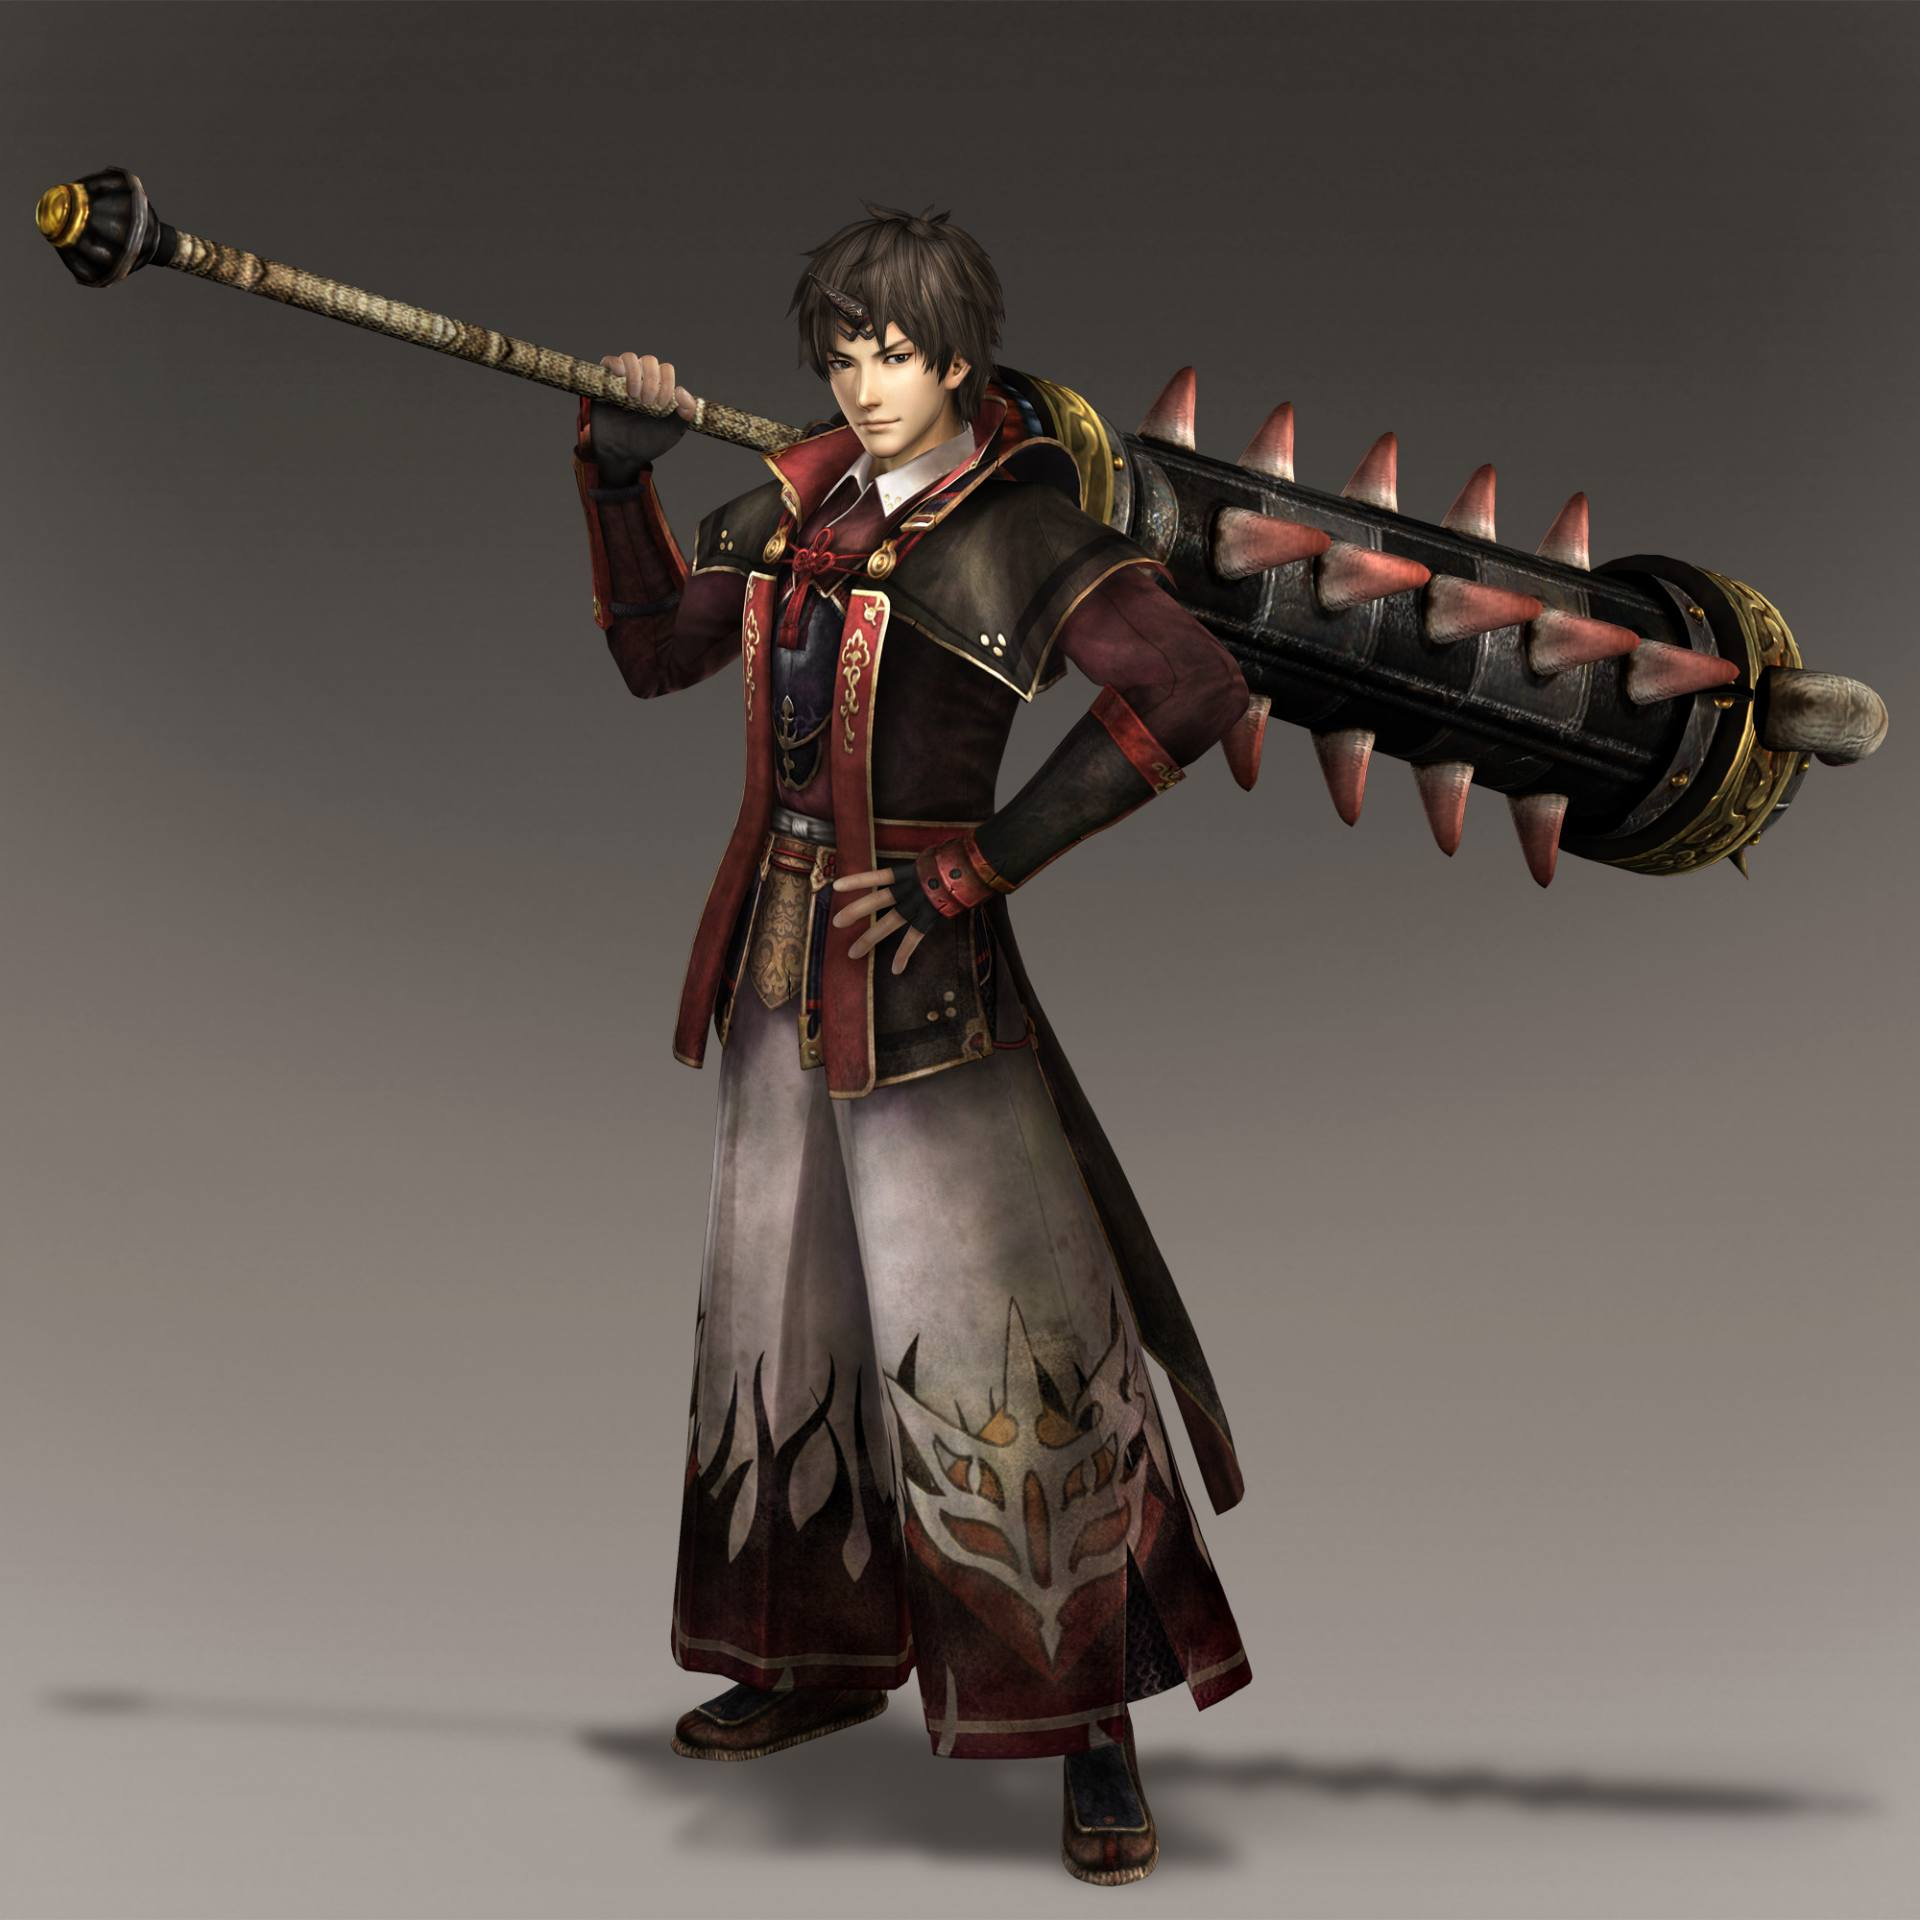 Toukiden Kiwami 15-01-15 016